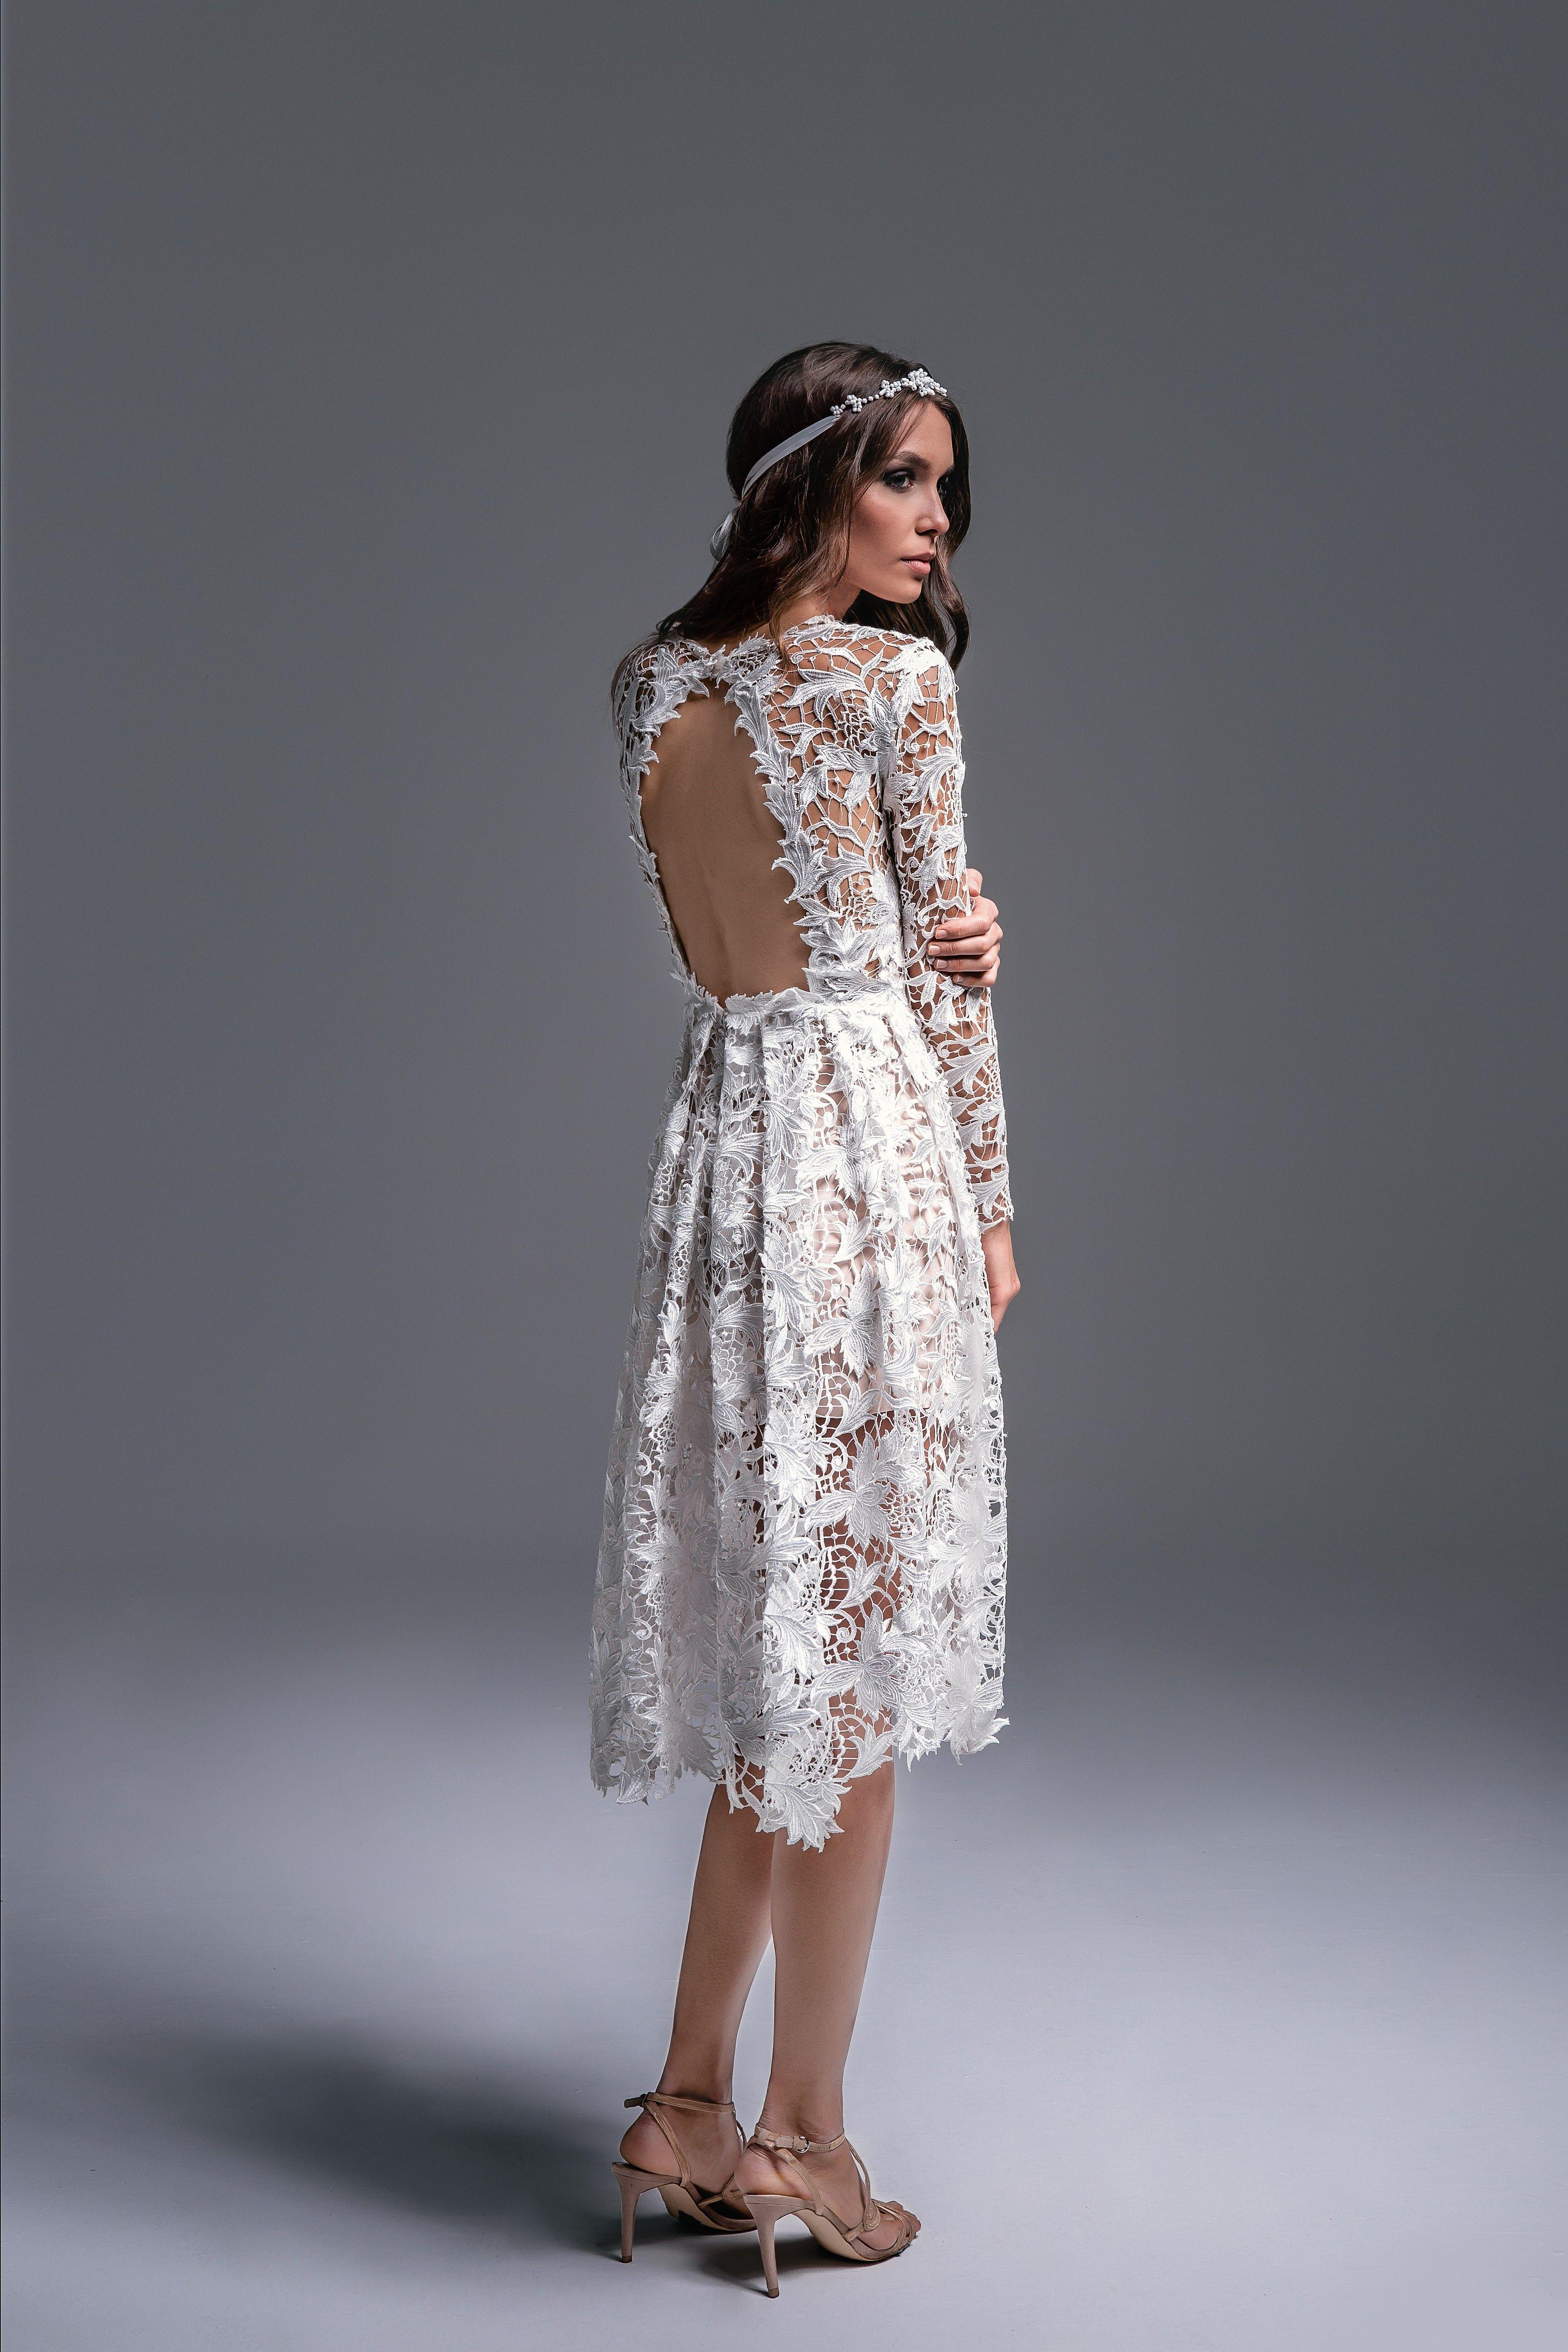 Bruna To Suknia W Stylu Boho Idealna Na Slub Cywilny Przyjecie Weselne W Fashion Lace Skirt Lace